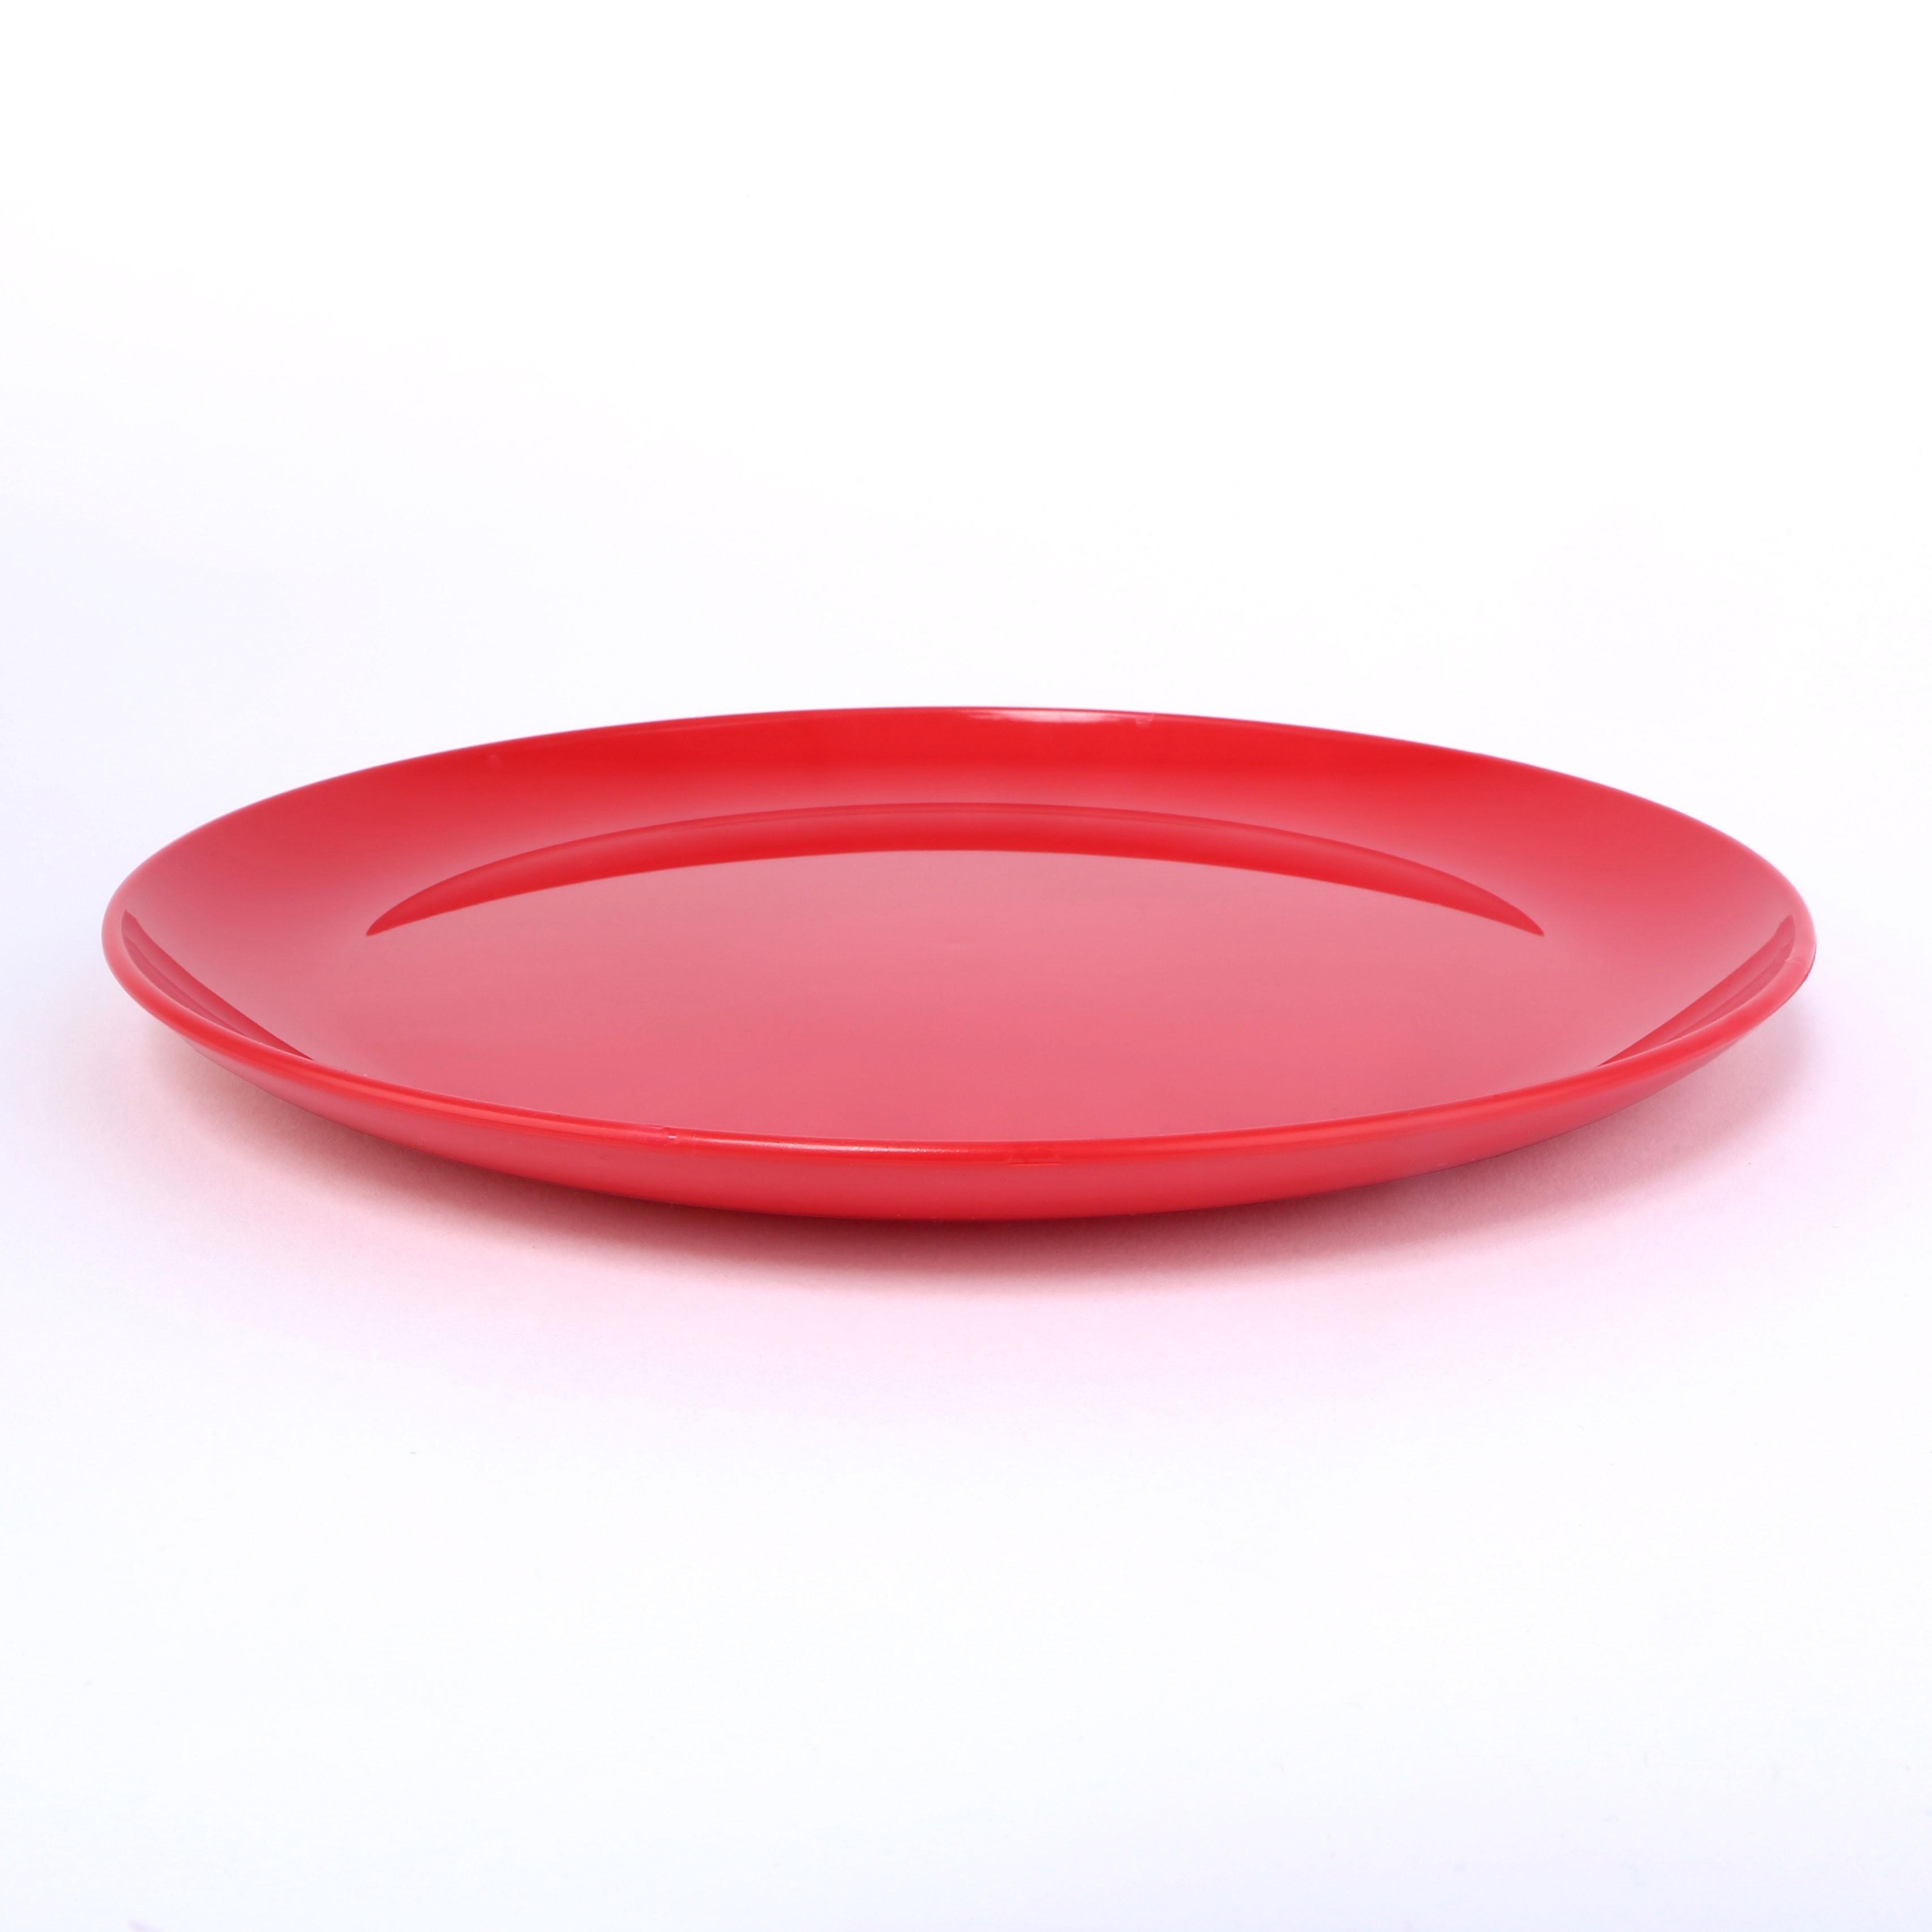 Essteller Kunststoff, 24cm, sonnengelb - Valon